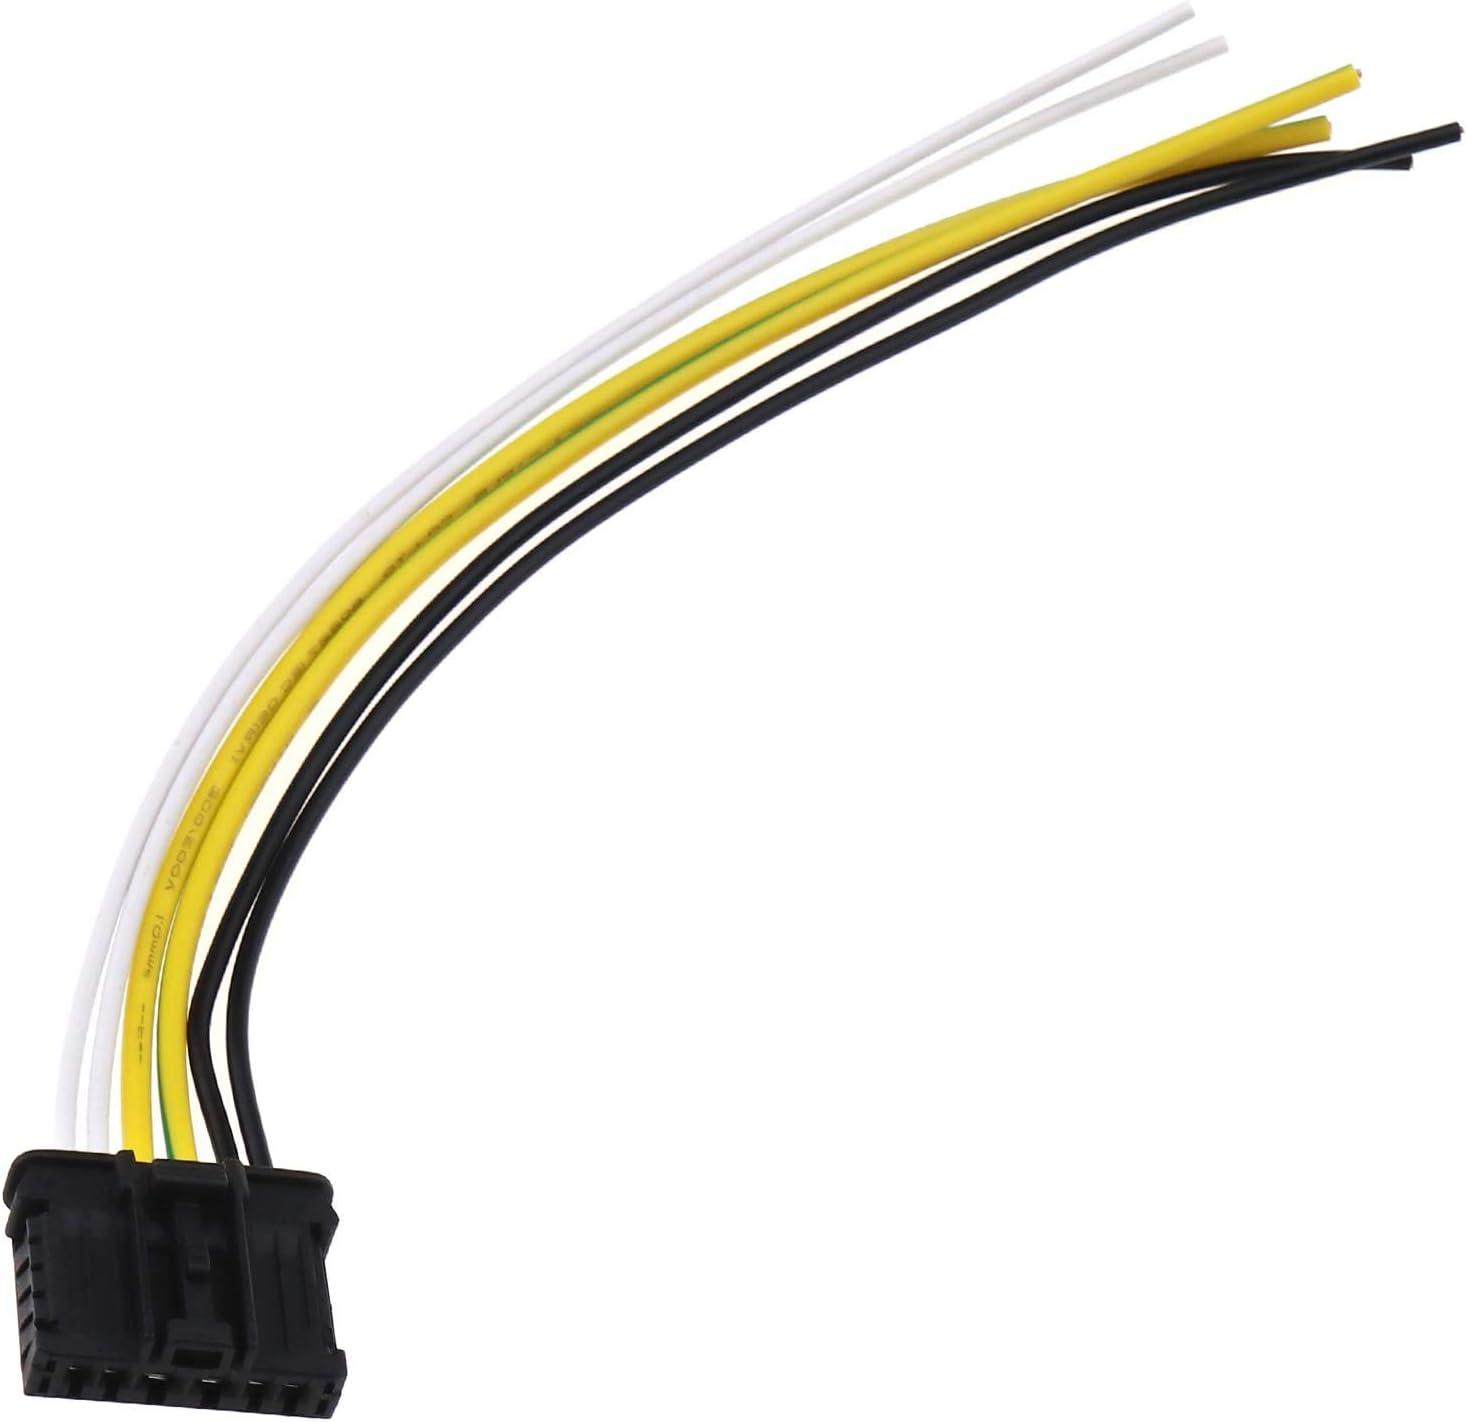 Ototec 2 Stücke 6 Pin 20 Cm Rücklicht Kabelsatz Rücklicht Kabelbaum 1606248780 Ersatzteile Kompatibel Mit 206 207 307 308 Auto